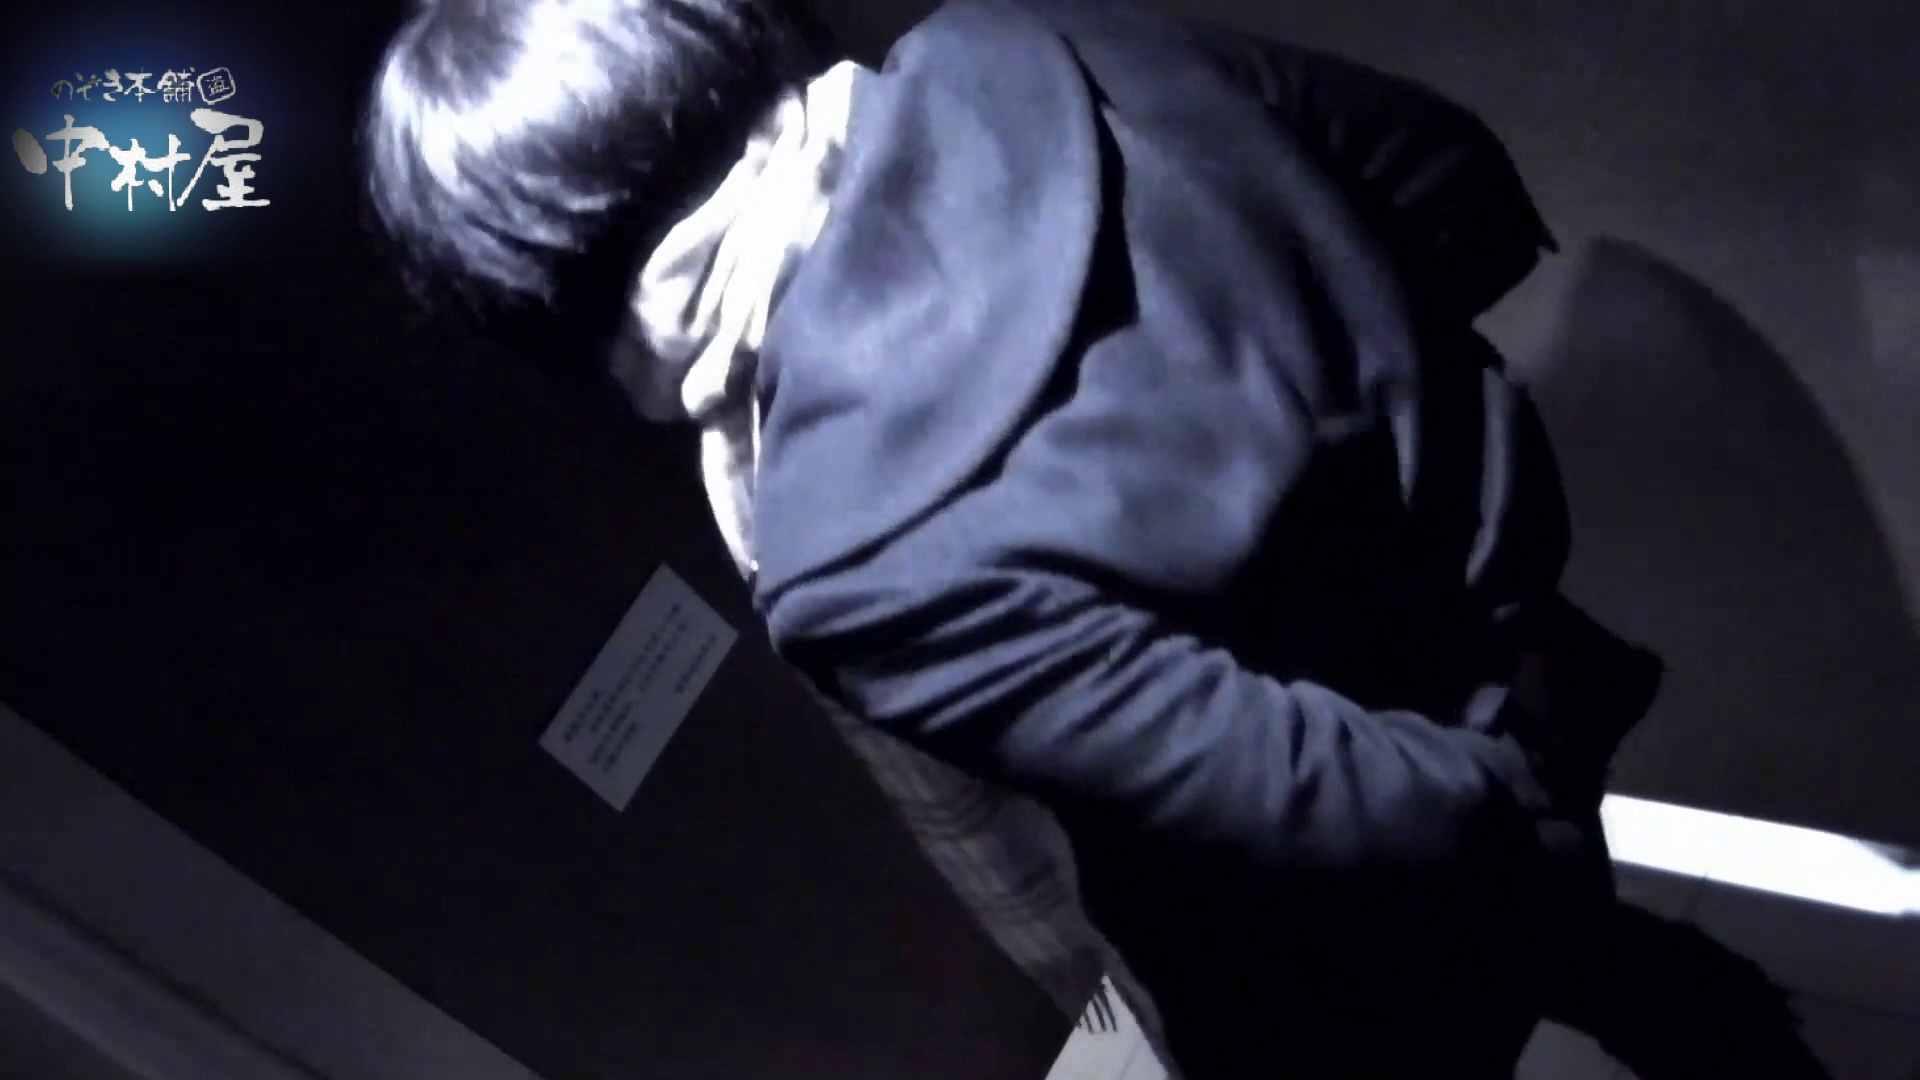 乙女集まる!ショッピングモール潜入撮vol.03 乙女エロ画像 おまんこ動画流出 87PICs 81